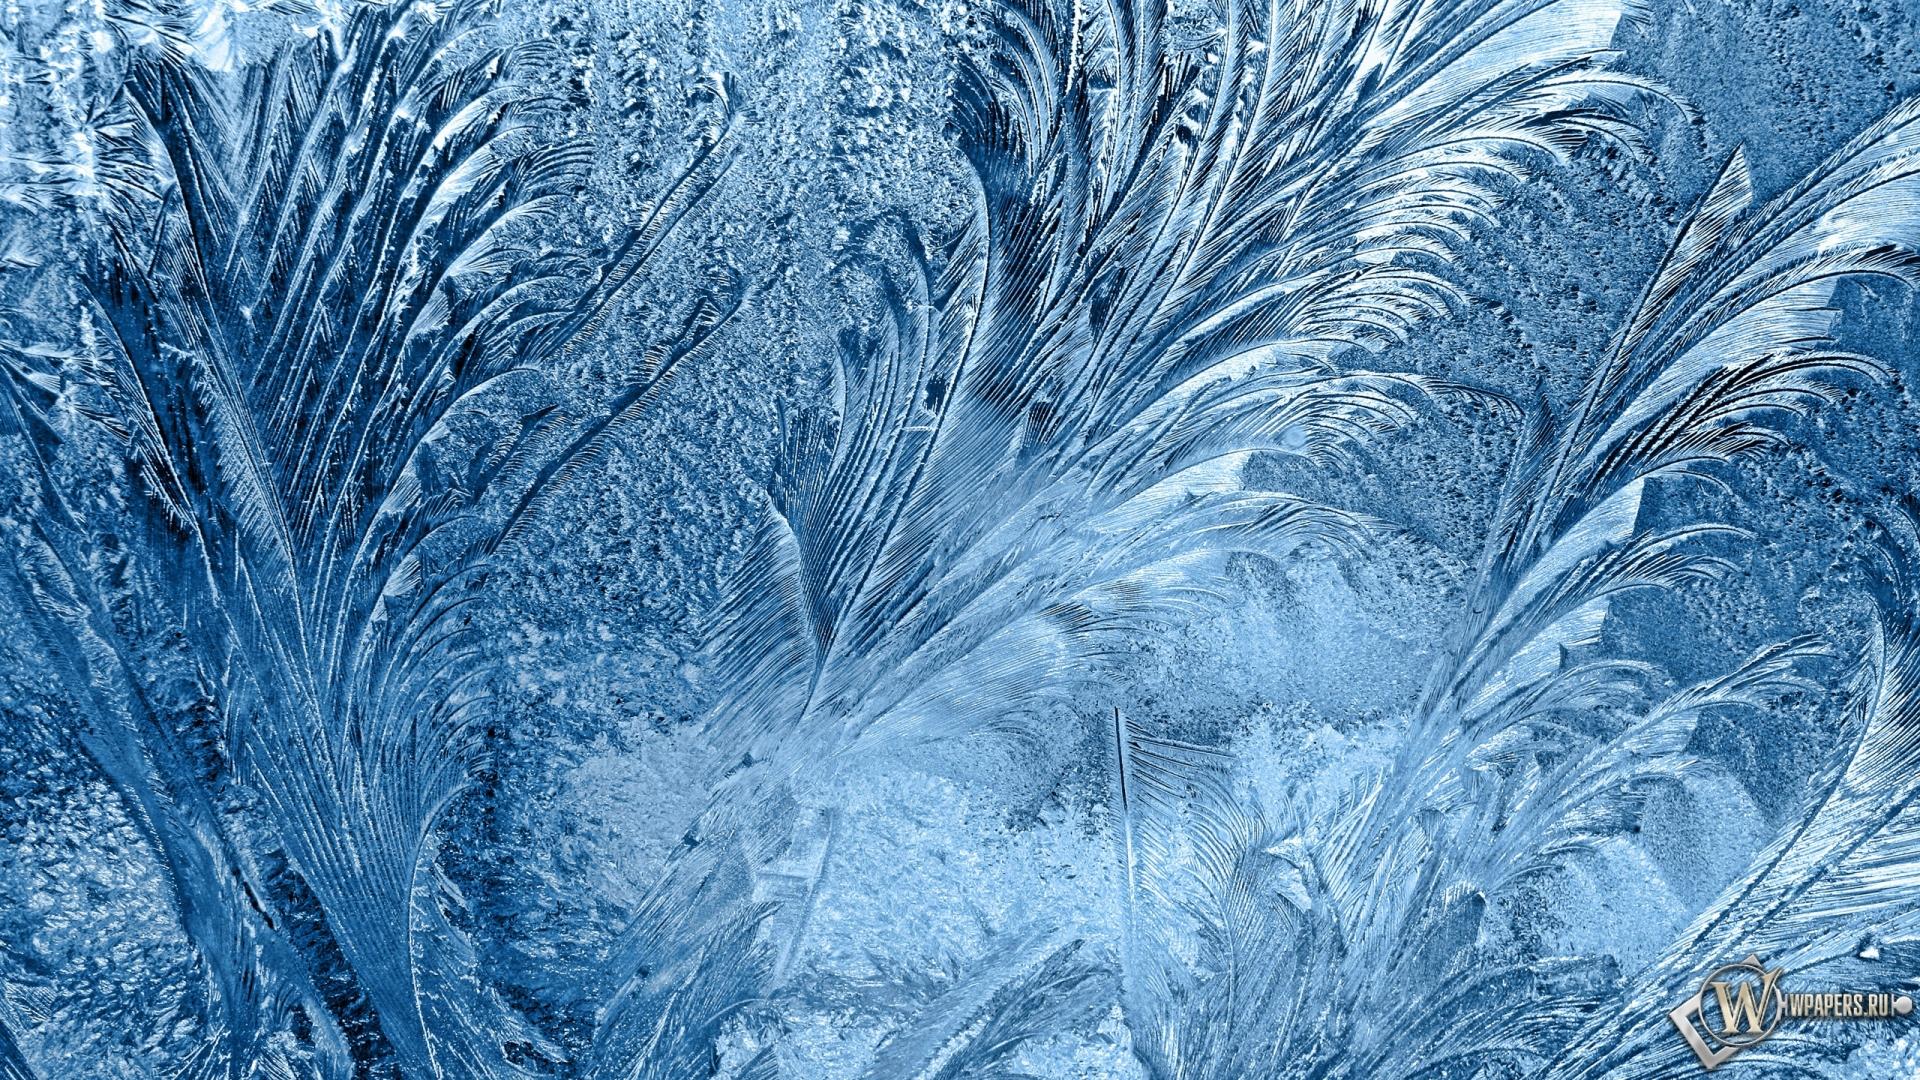 Узоры на стекле зима узоры мороз